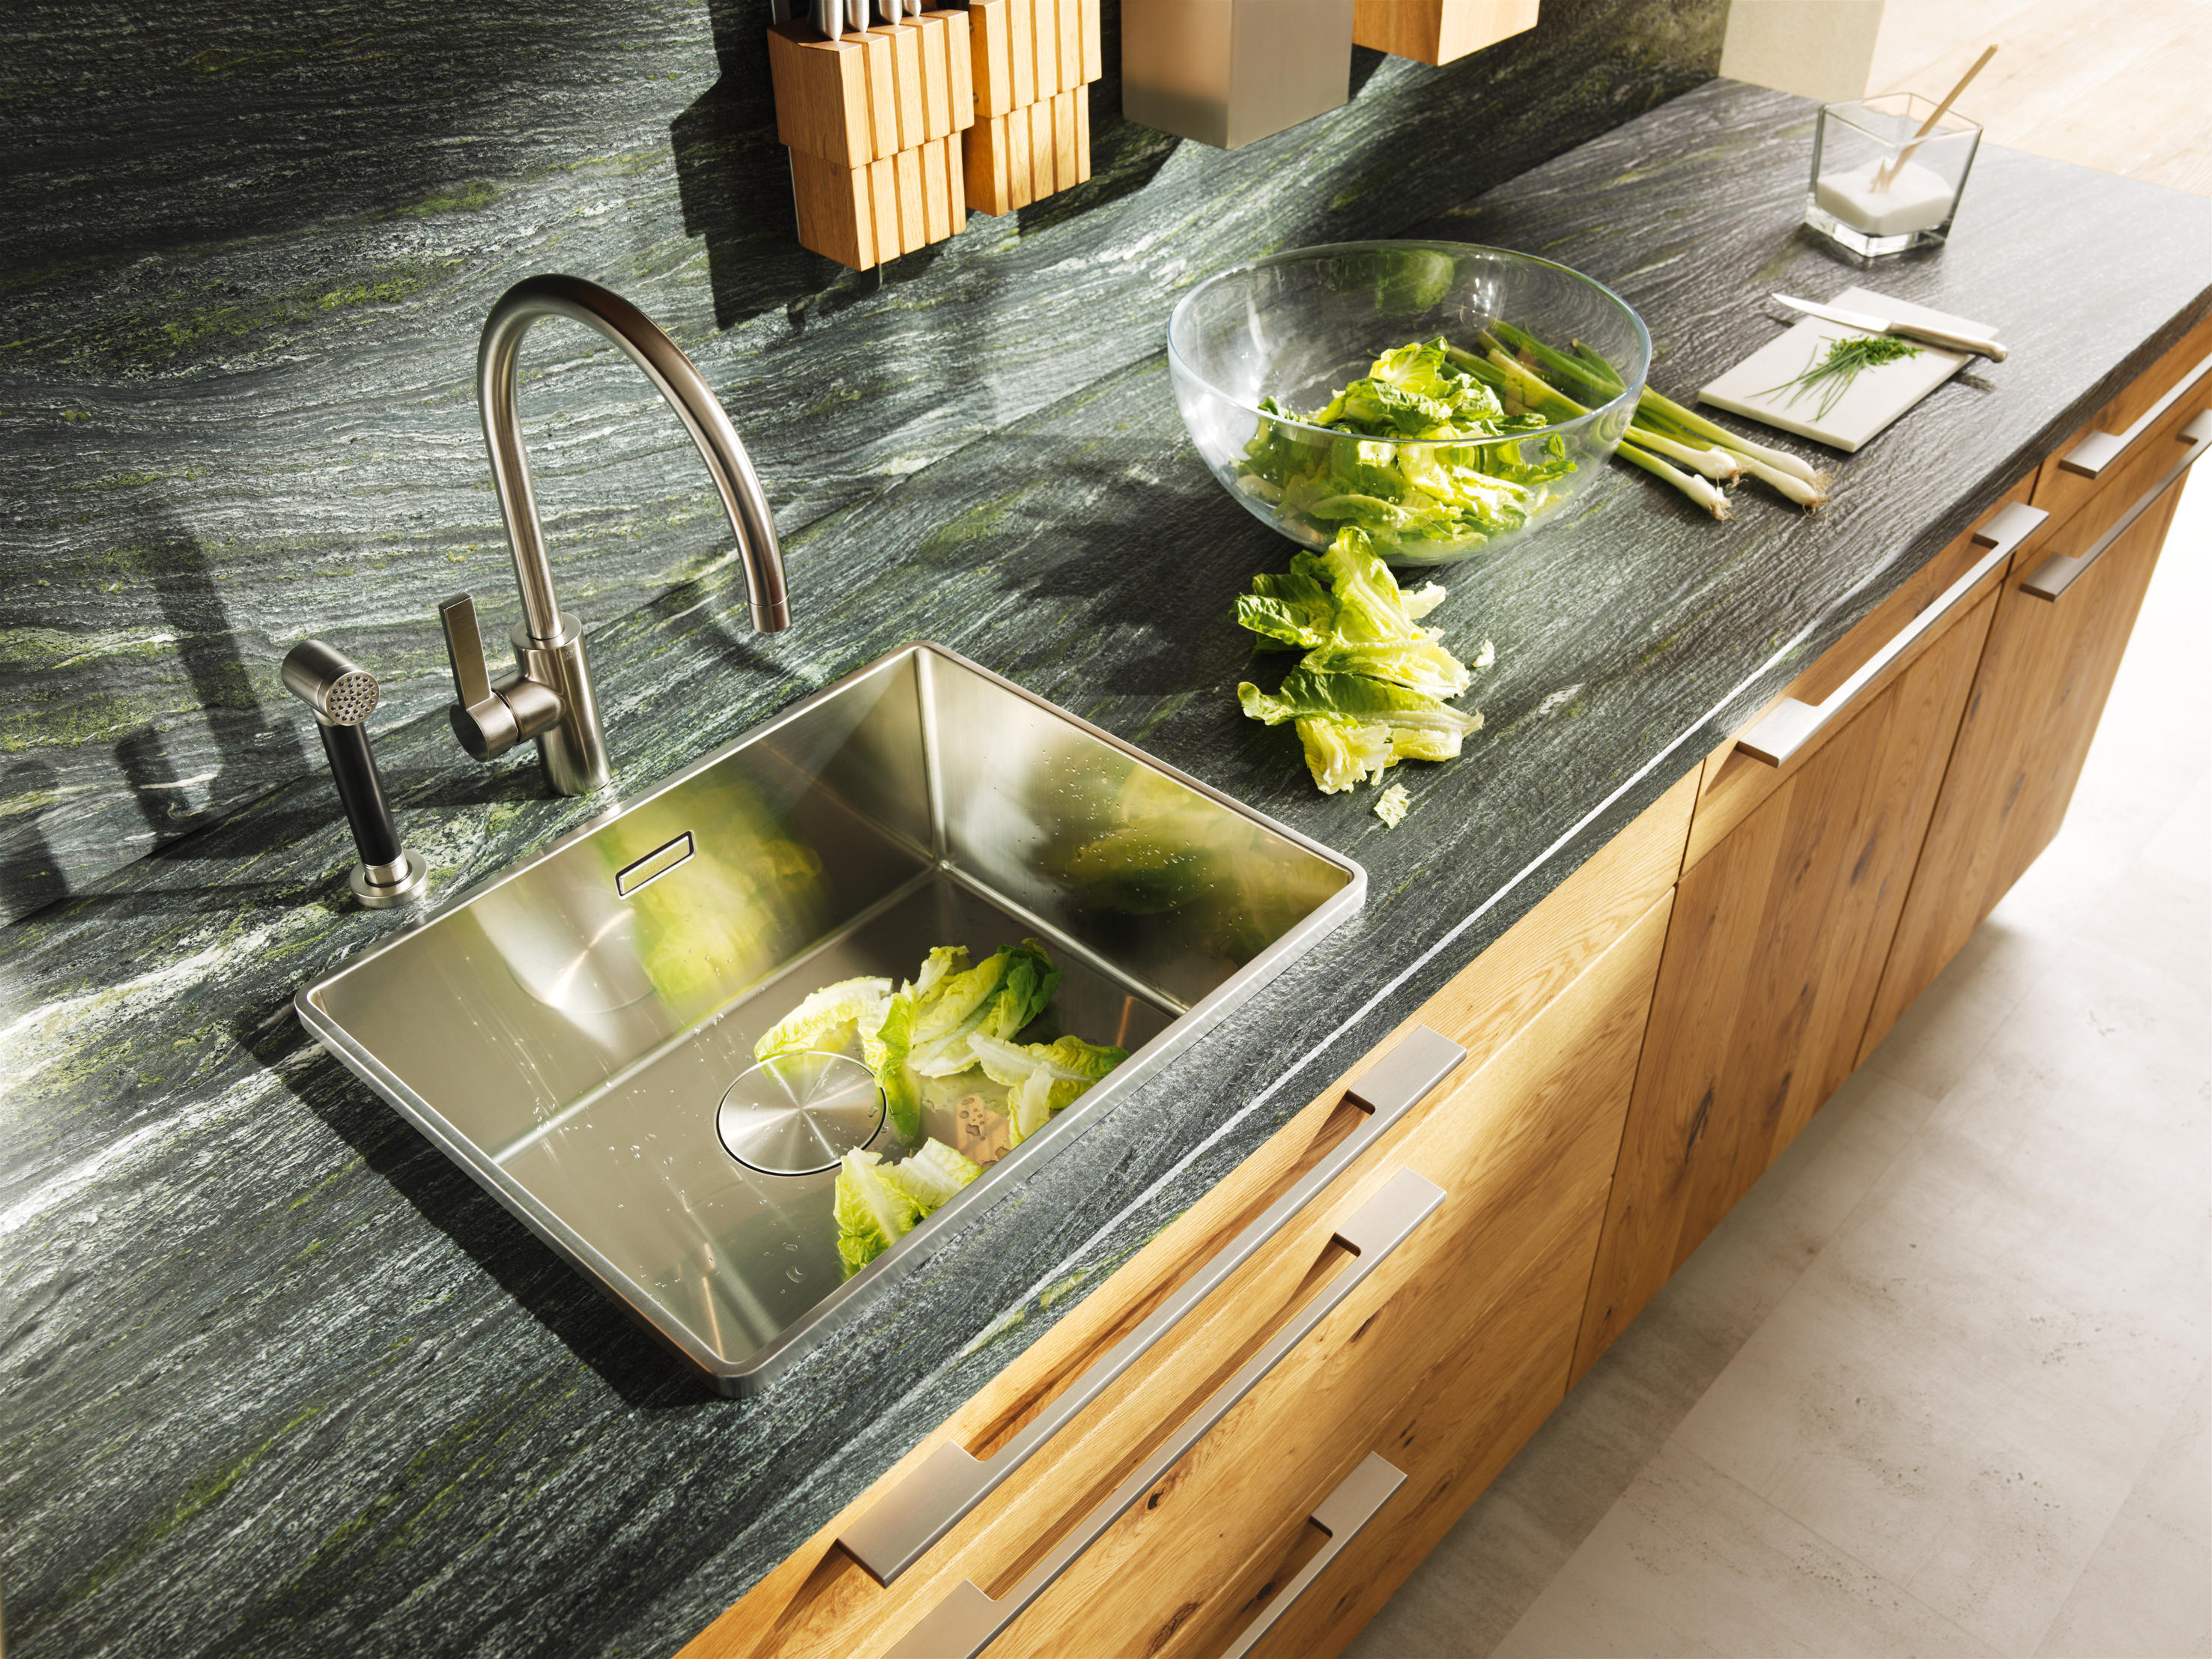 LOFT KÜCHE - Einbauküchen von TEAM 7 | Architonic